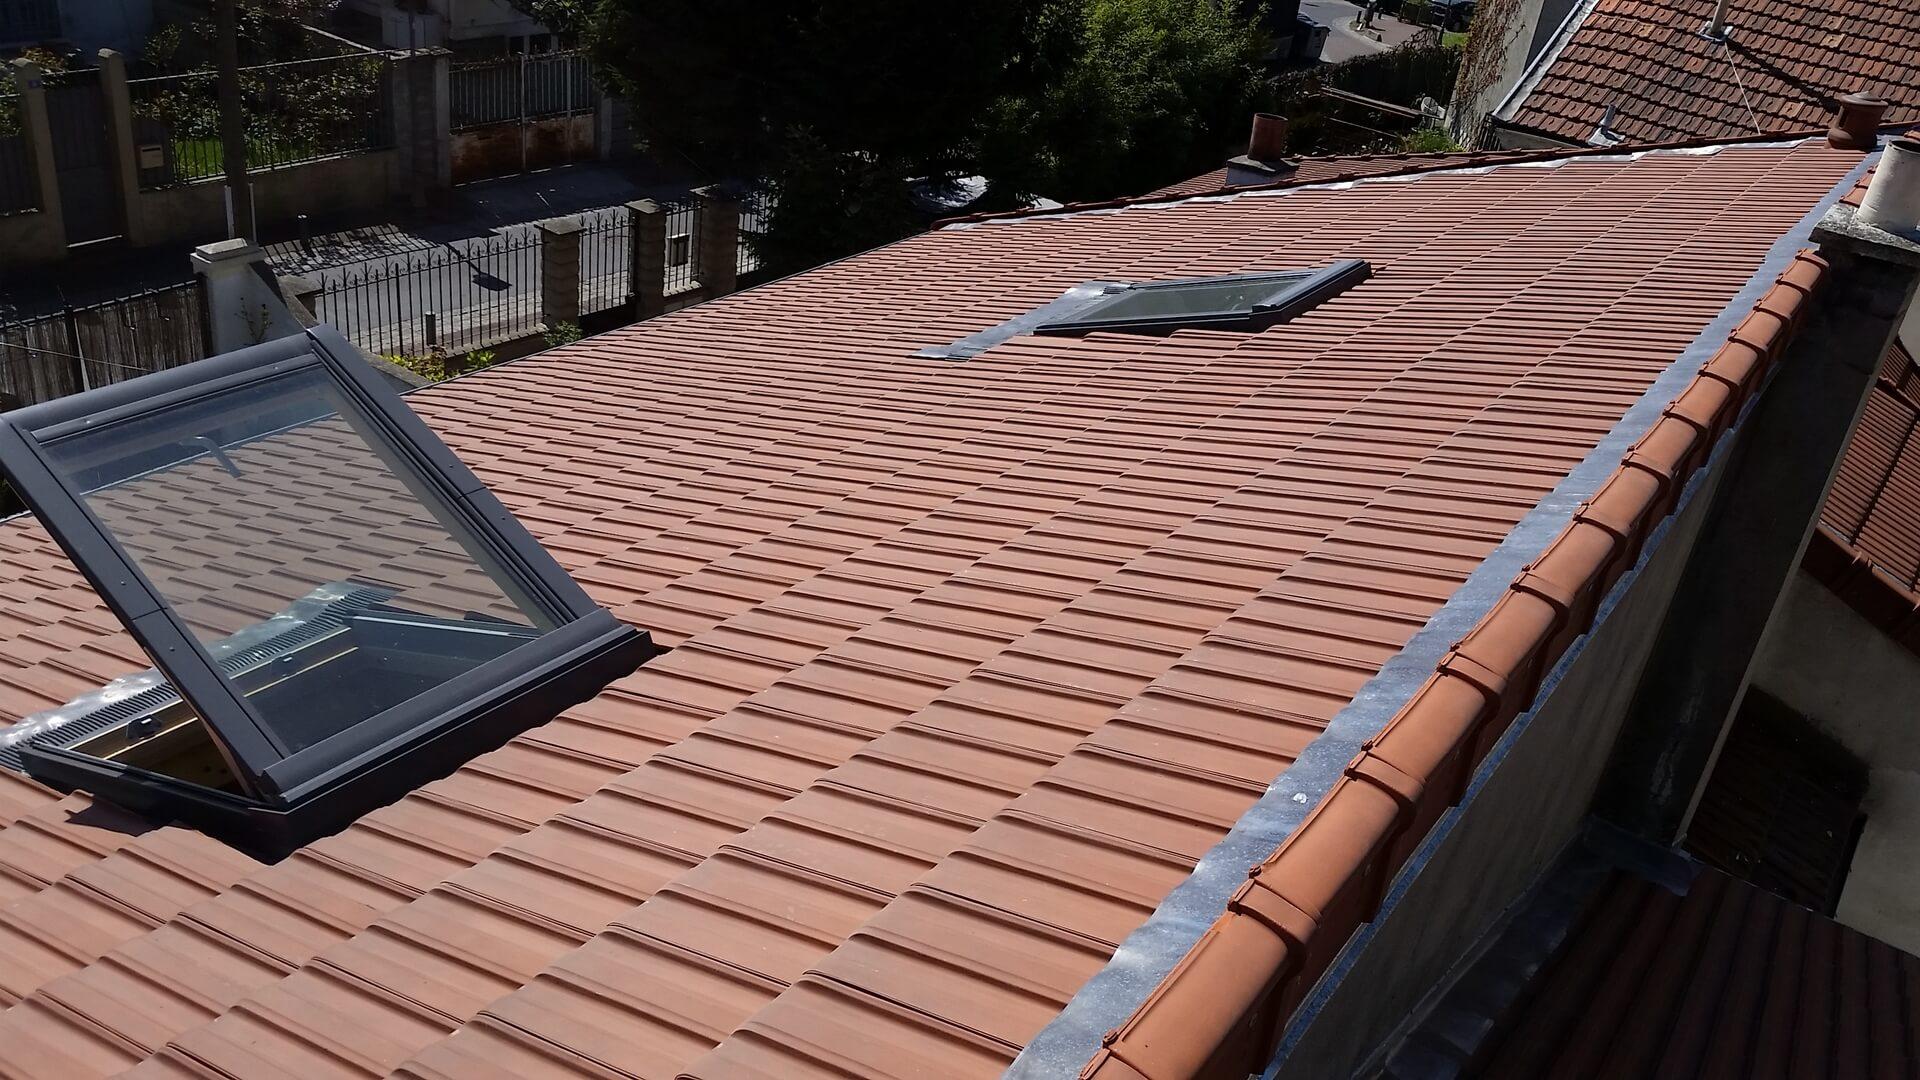 Changement de toiture avec tuile H10 / Couvreur 94 / Ma Belle Toiture